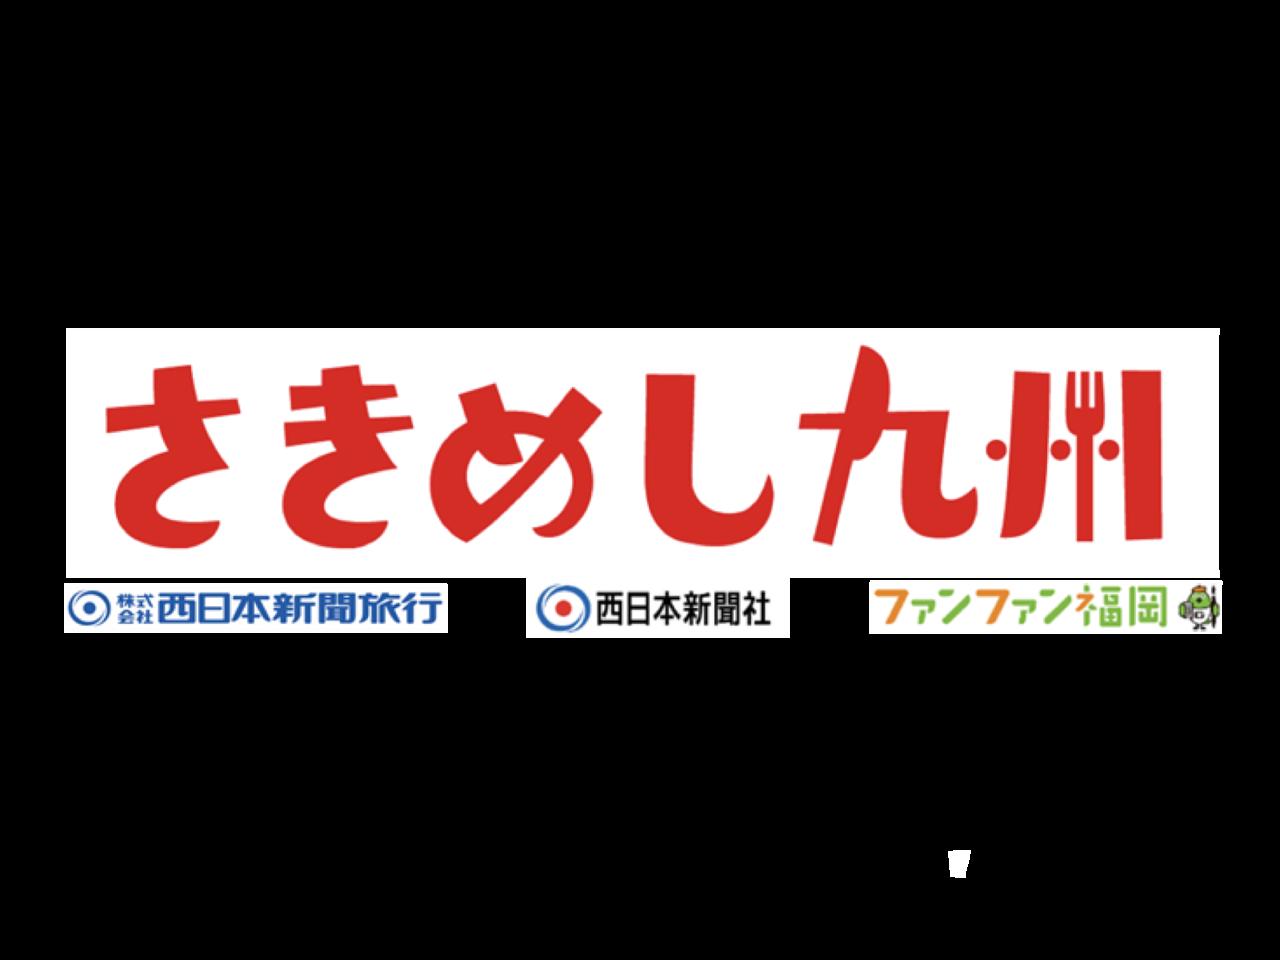 「さきめし」でコロナ禍の九州の飲食店を支援しよう。「さきめし九州」プロジェクトを始動